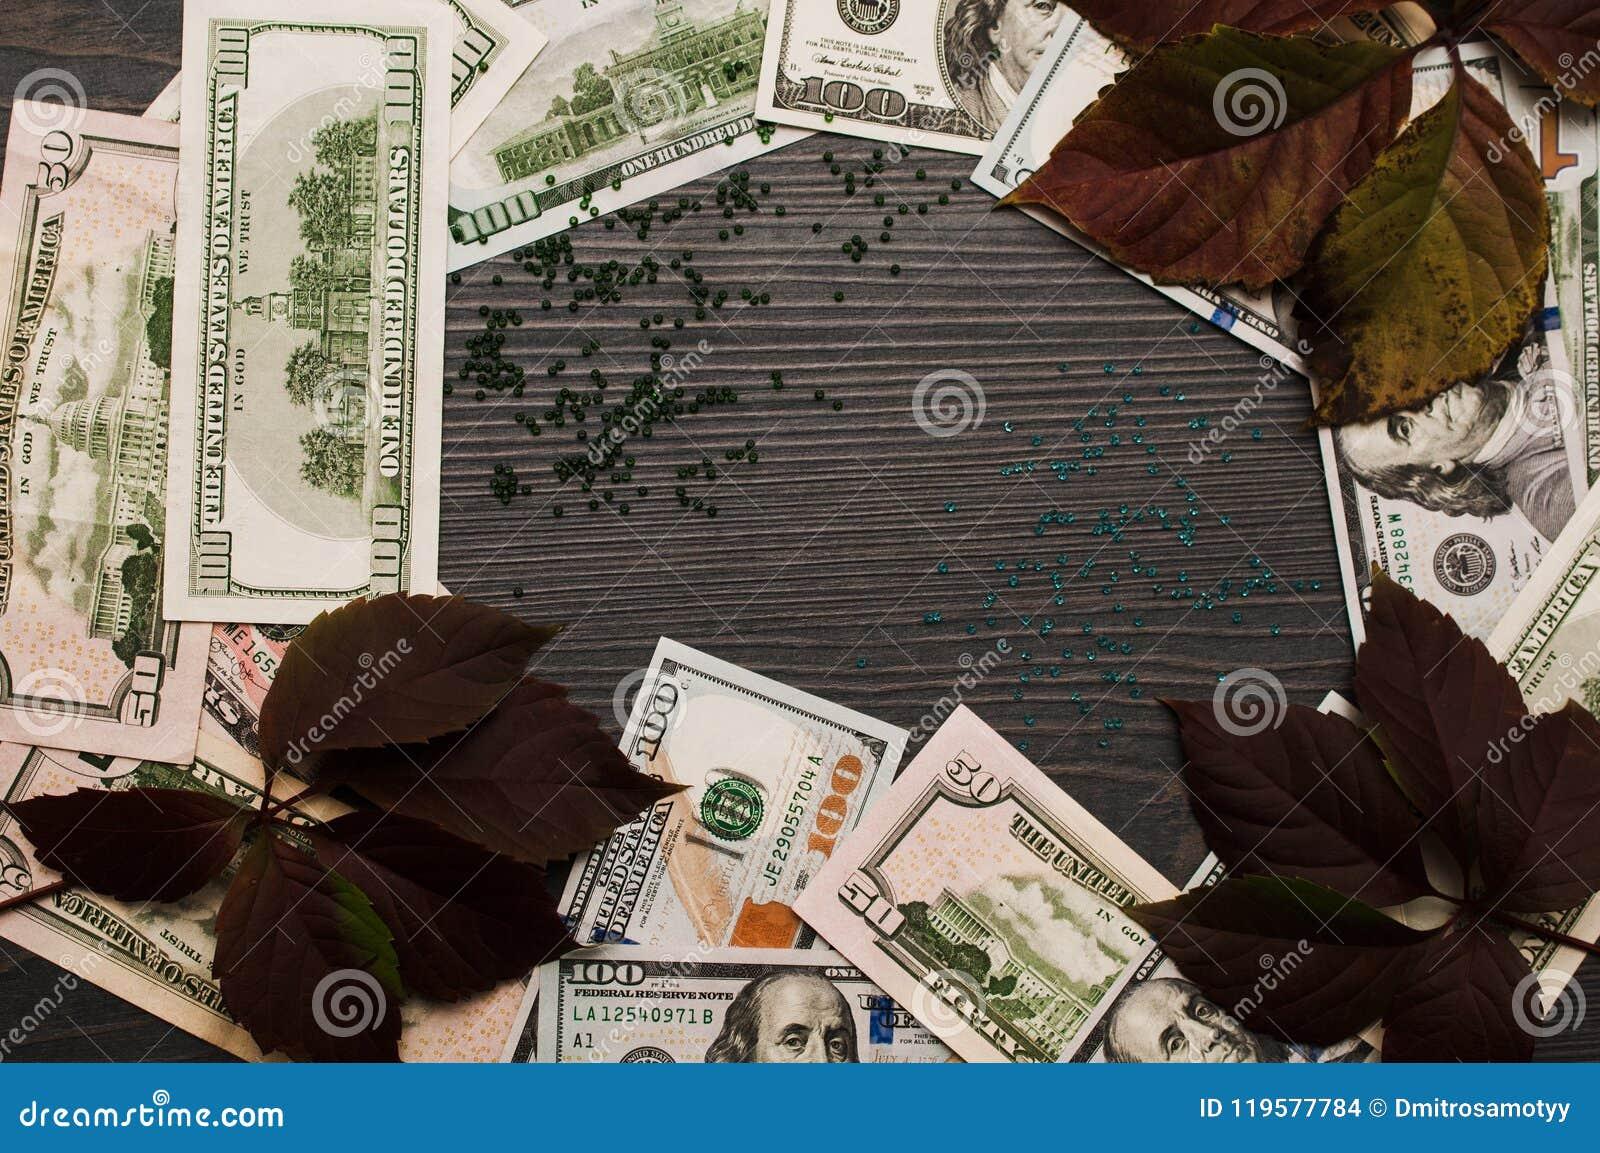 Het concept een foto van monetair, het beleggen, munt en wisselkoersen, over de hele wereld